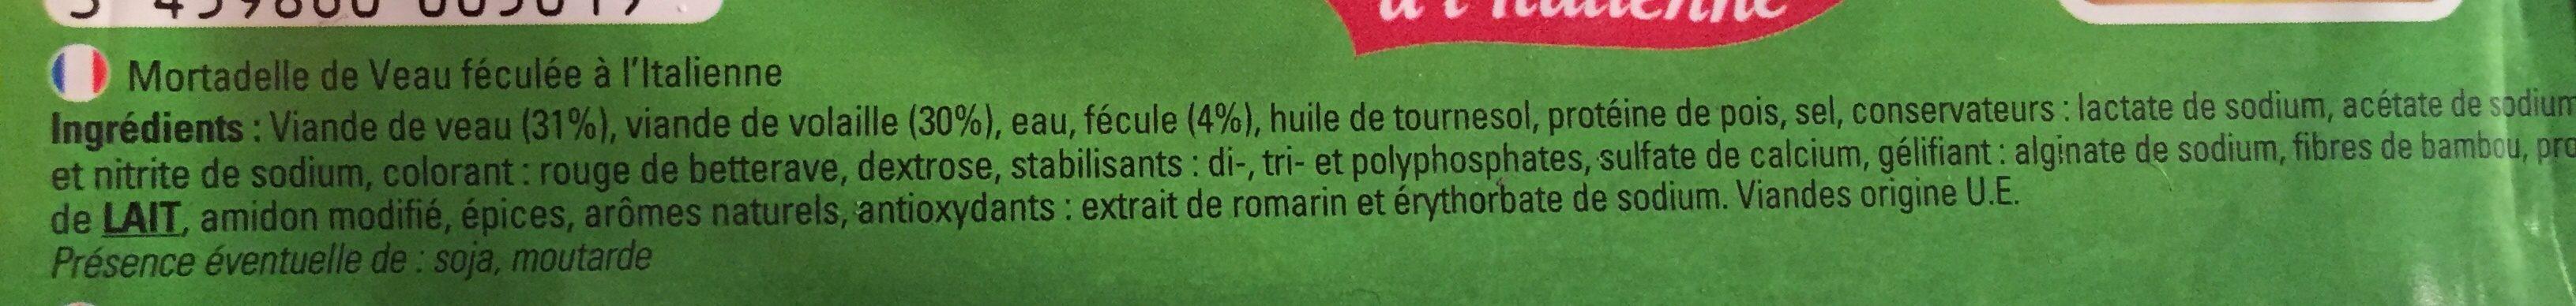 Mortadelle de veau - Ingrédients - fr